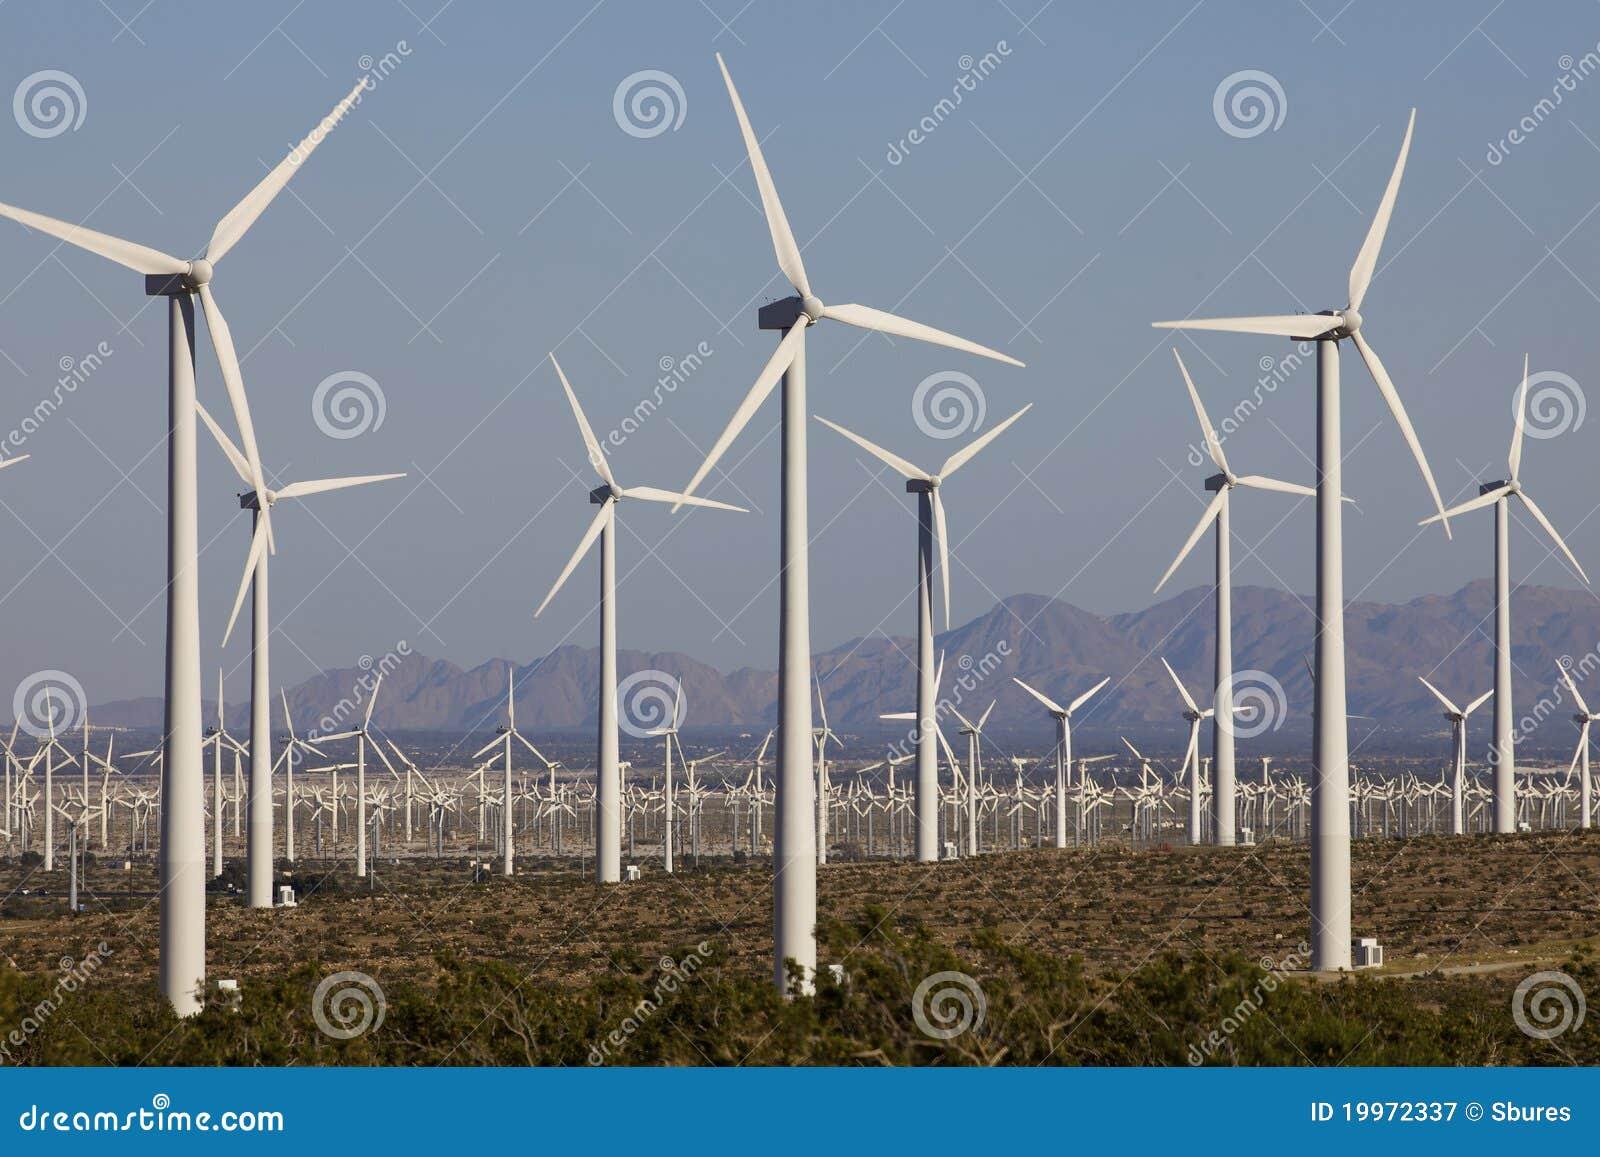 De Turbines van de wind op het Landbouwbedrijf van de Windmolen van de Alternatieve Energie